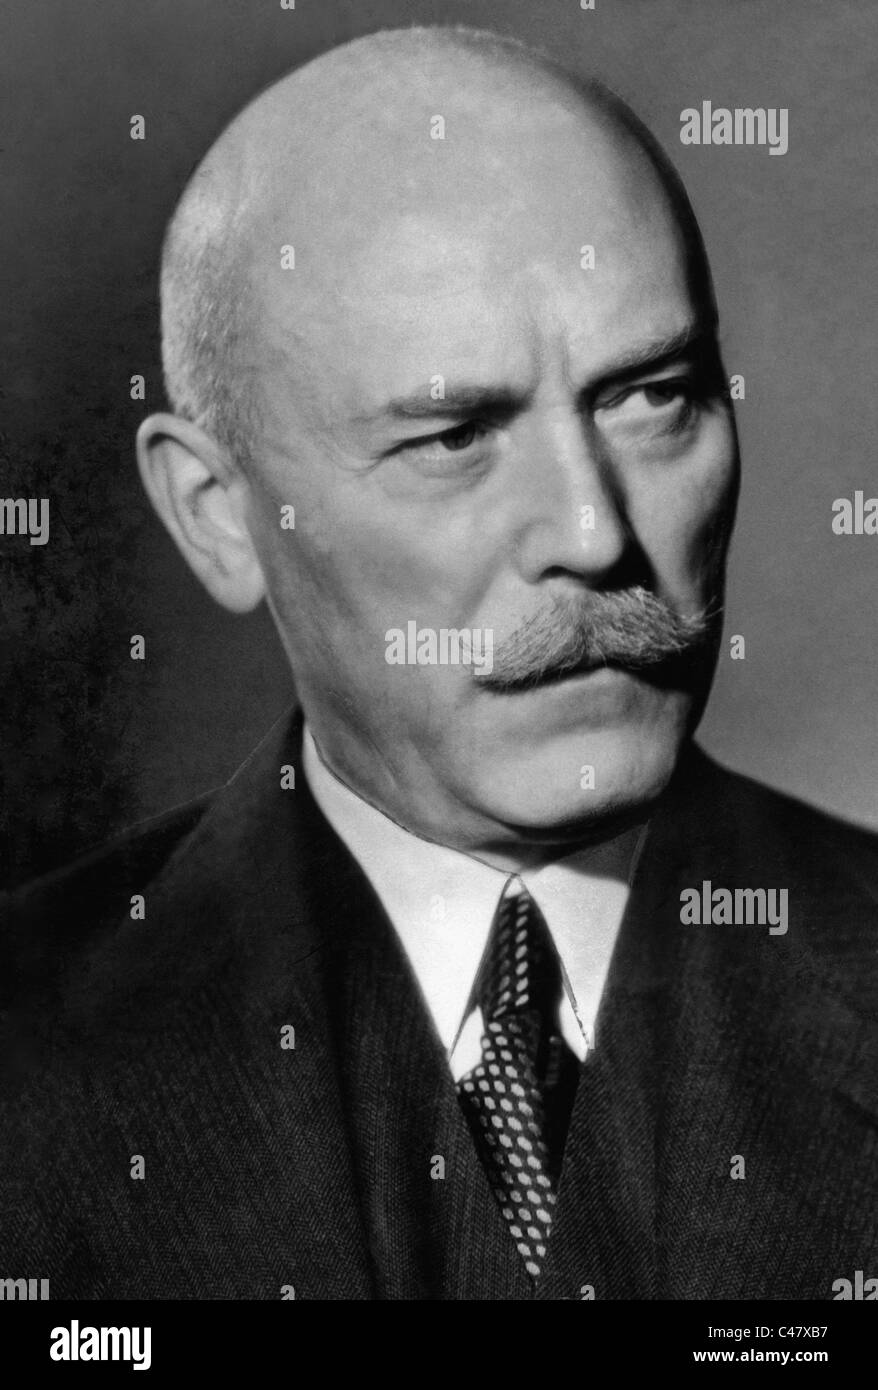 Friedrich Graf von der Schulenburg Stockfotografie   Alamy